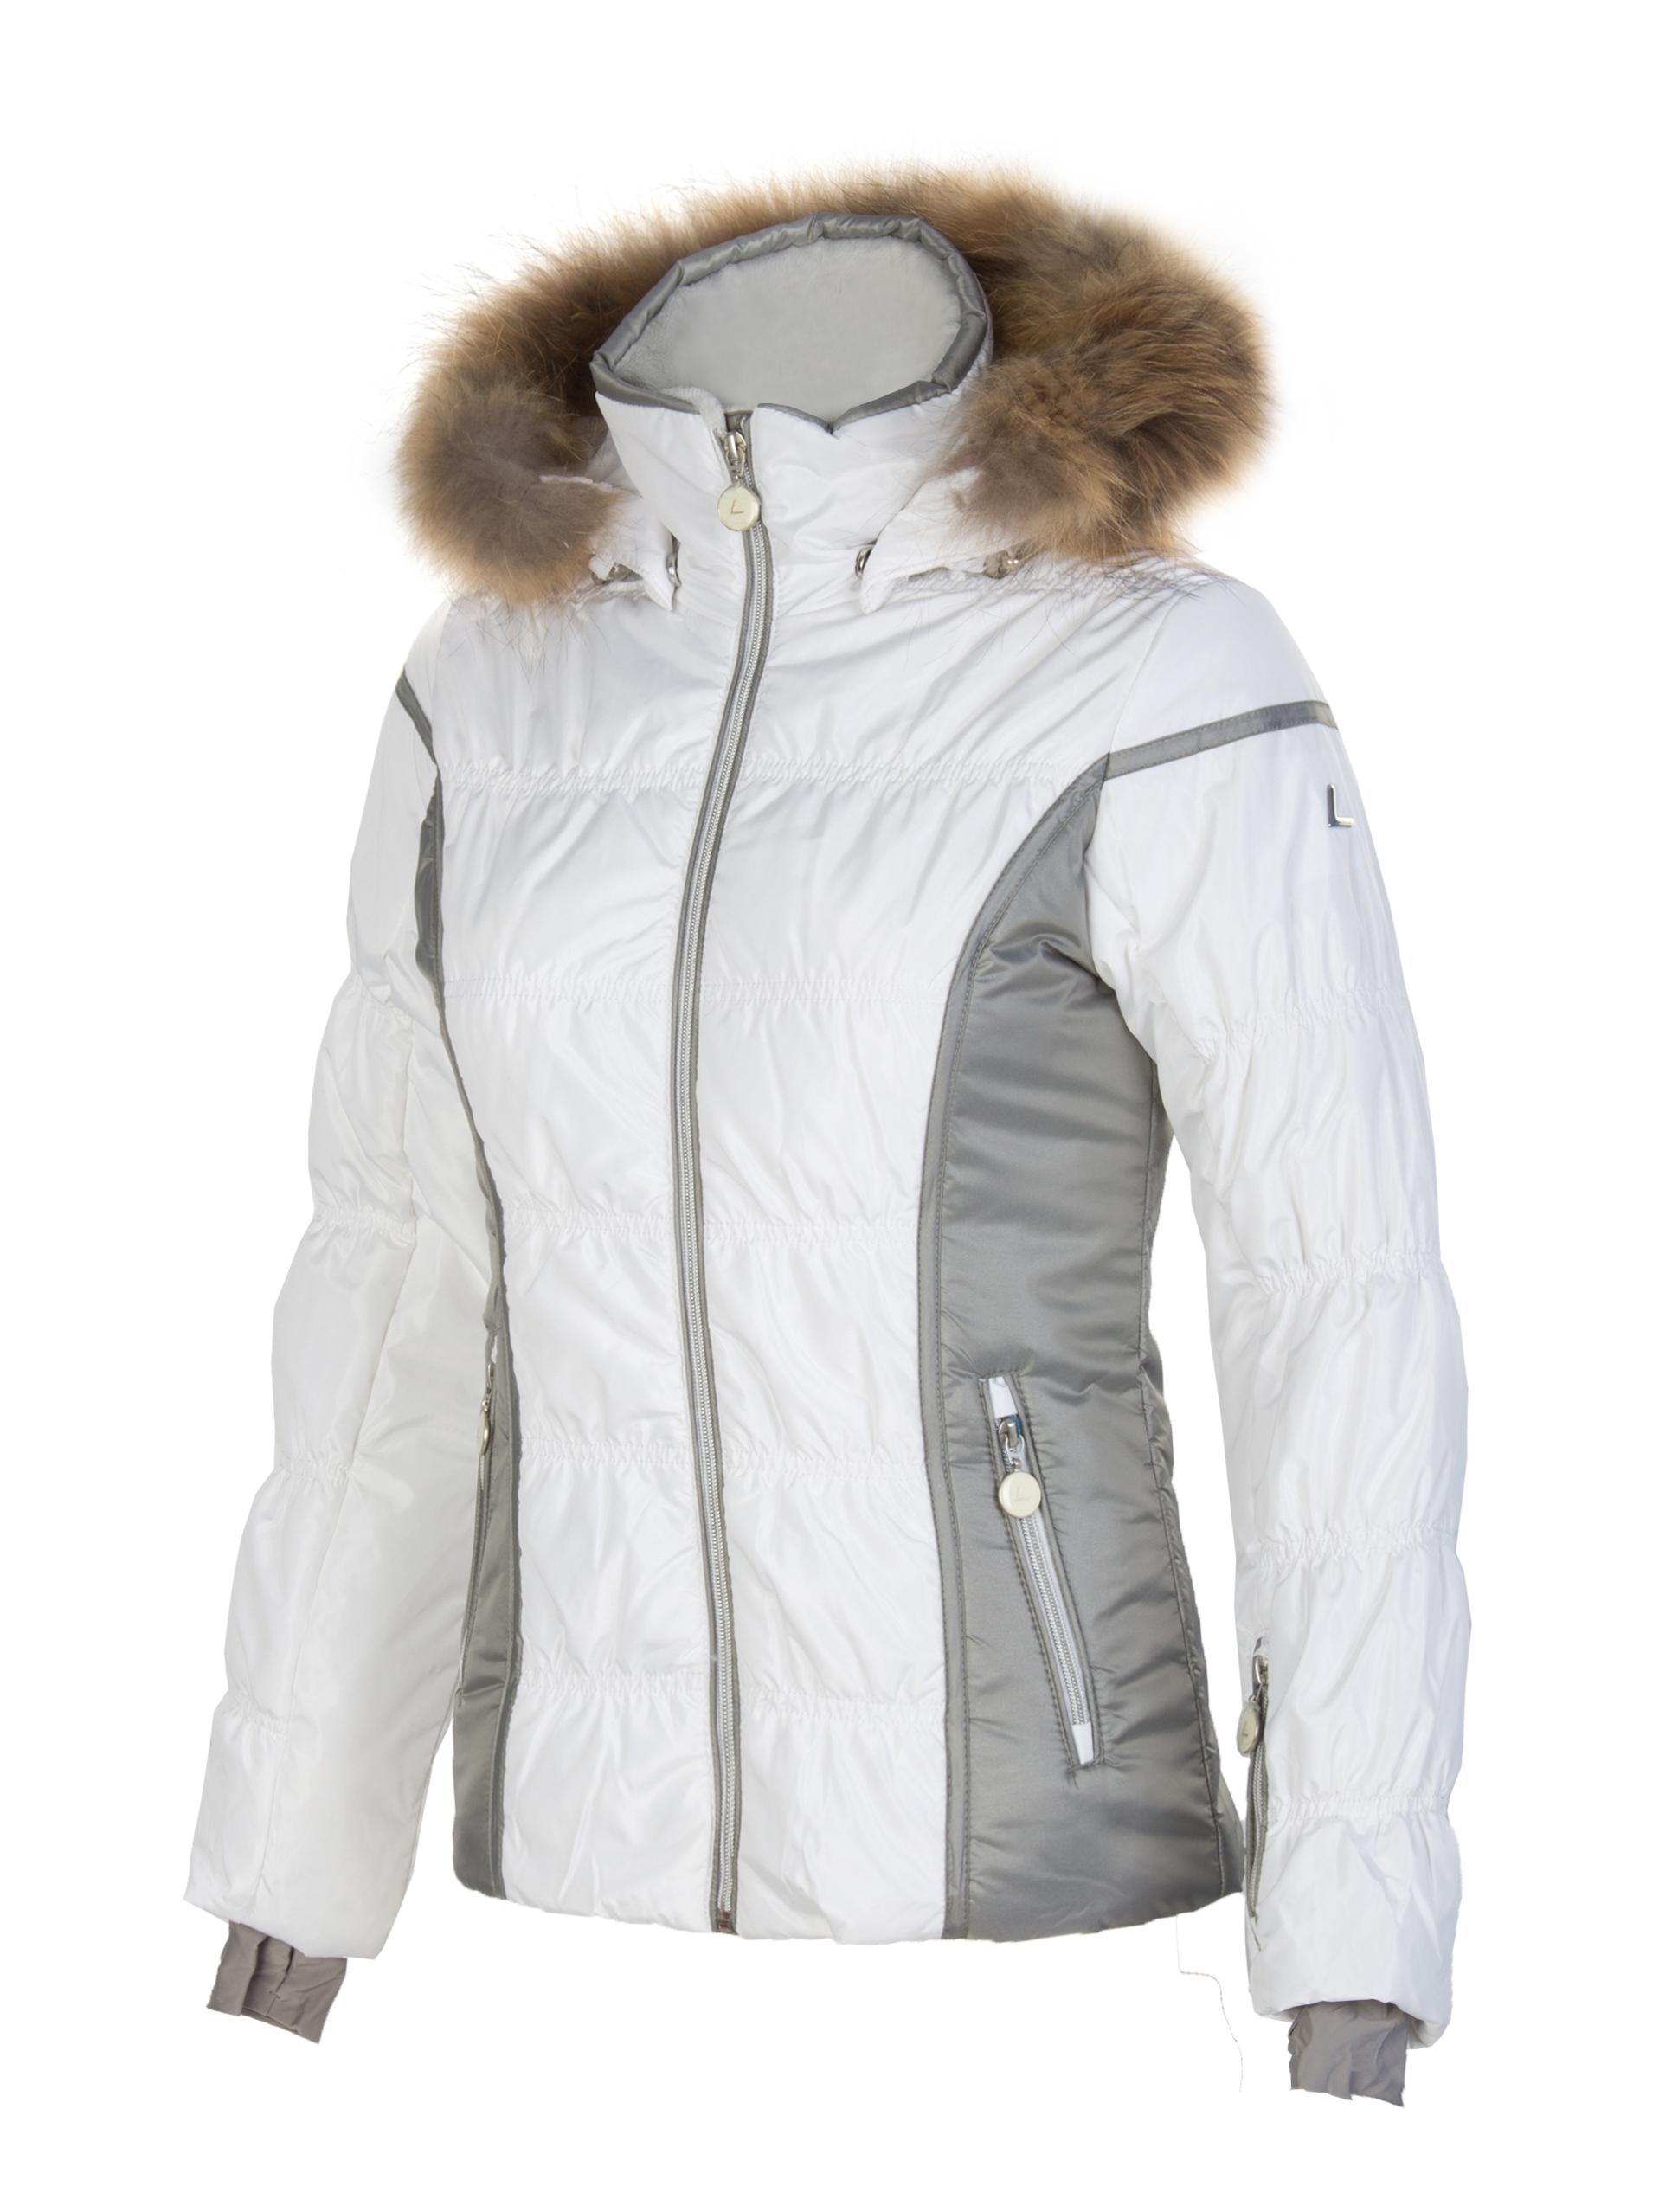 5e681b5fc66 Куртка горнолыжная женская Luhta Linda белая - Сеть спортивных ...